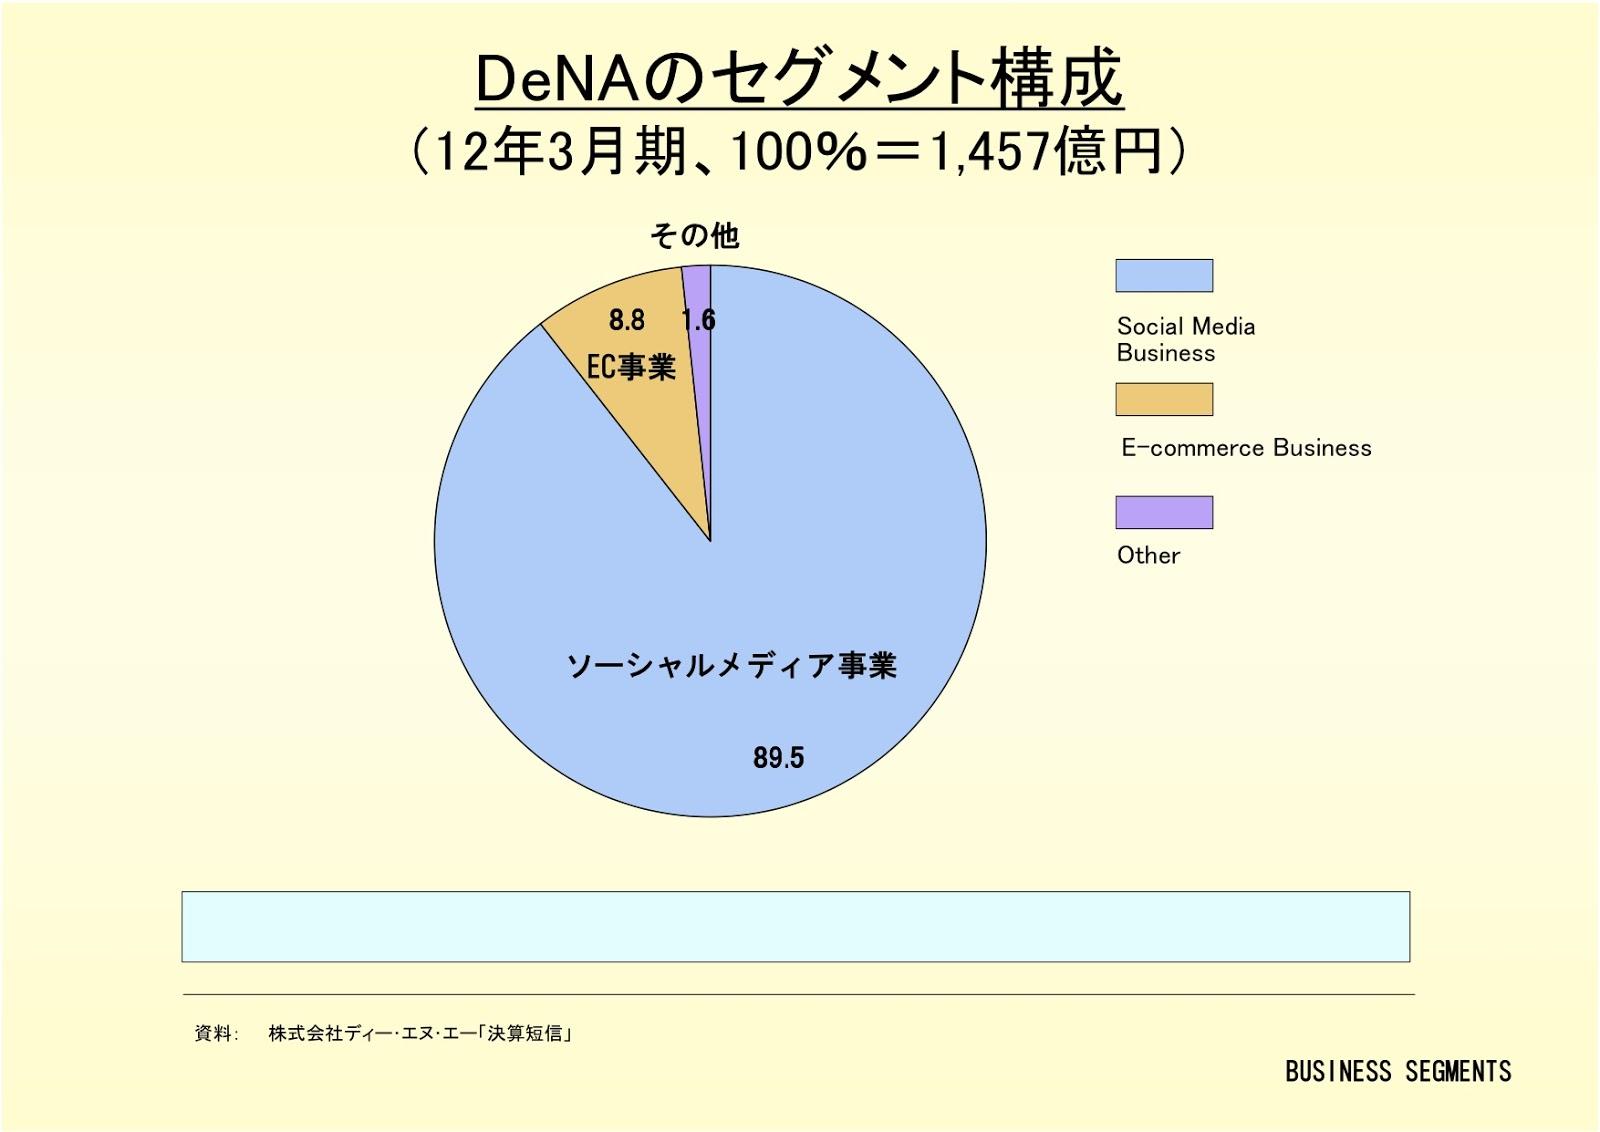 株式会社DeNAのセグメント構成